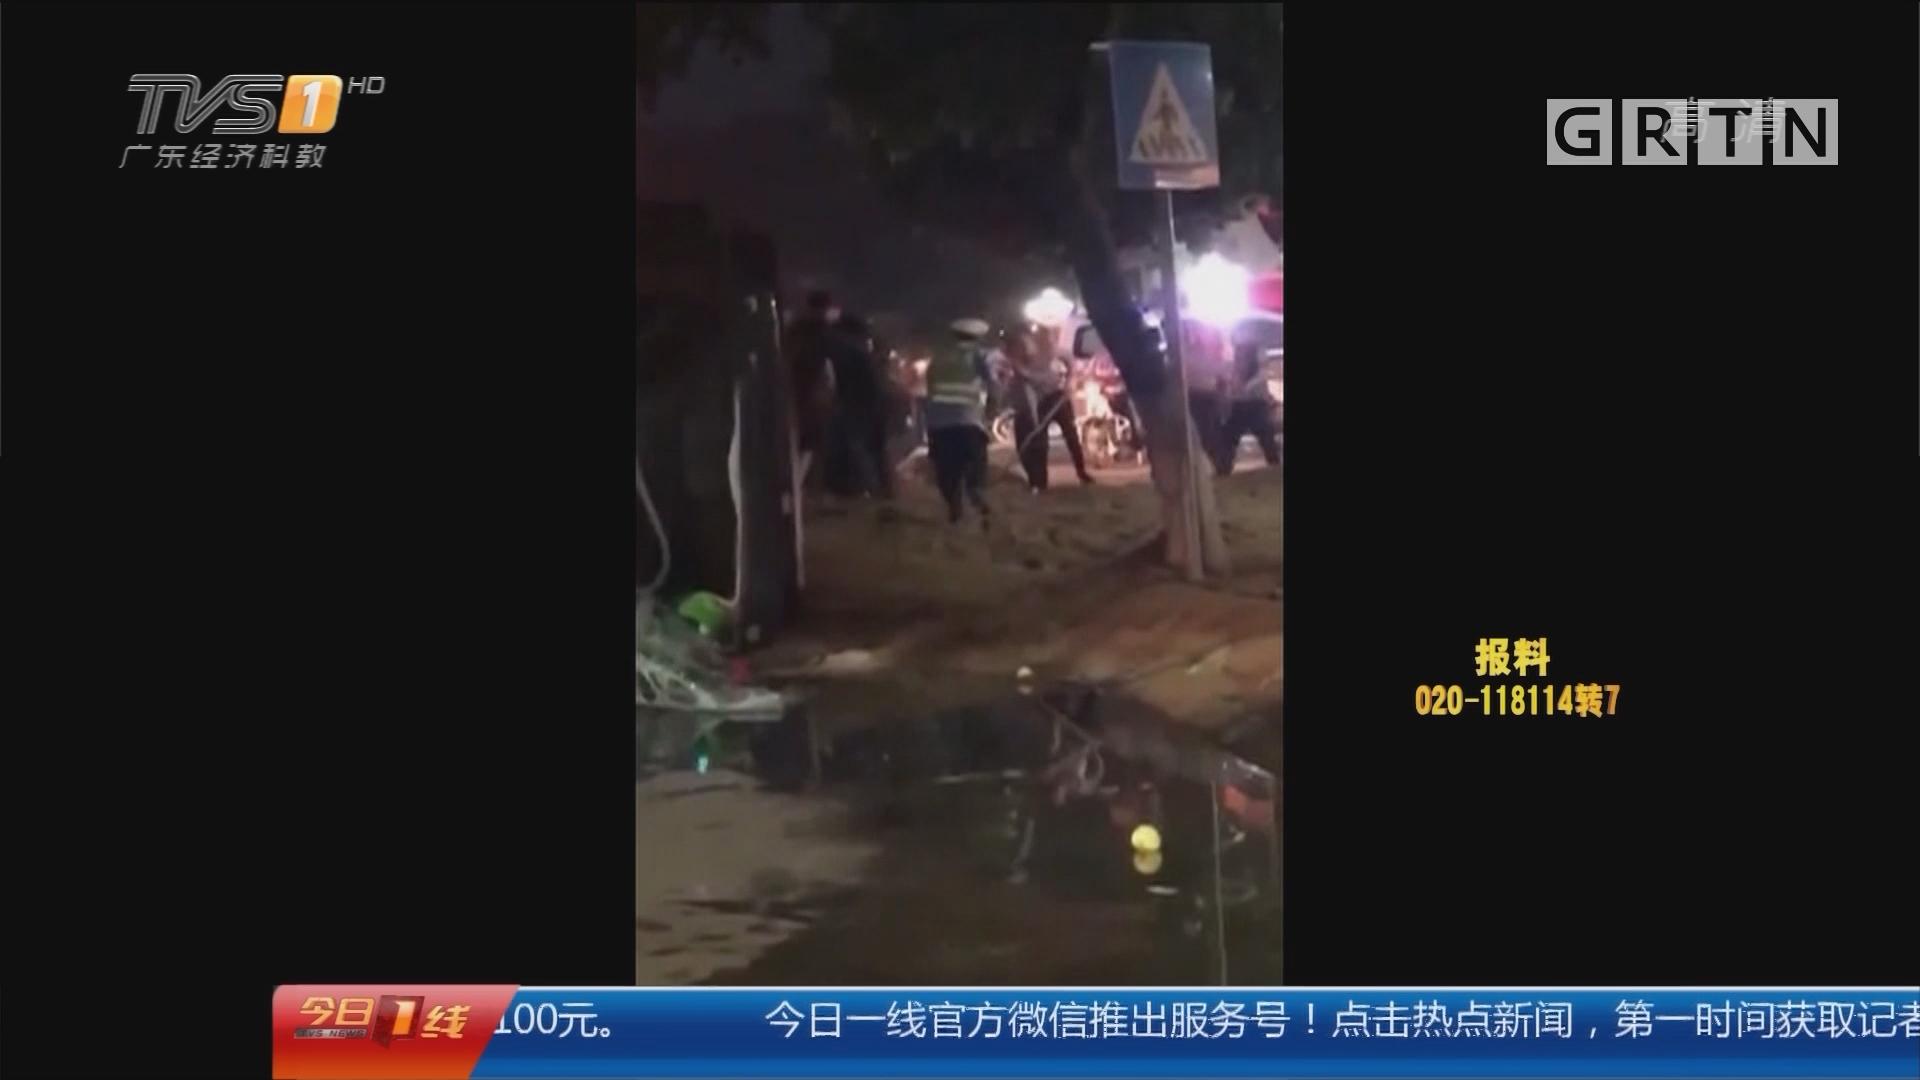 梅州货车侧翻事故追踪:五百市民自发进行悼念活动